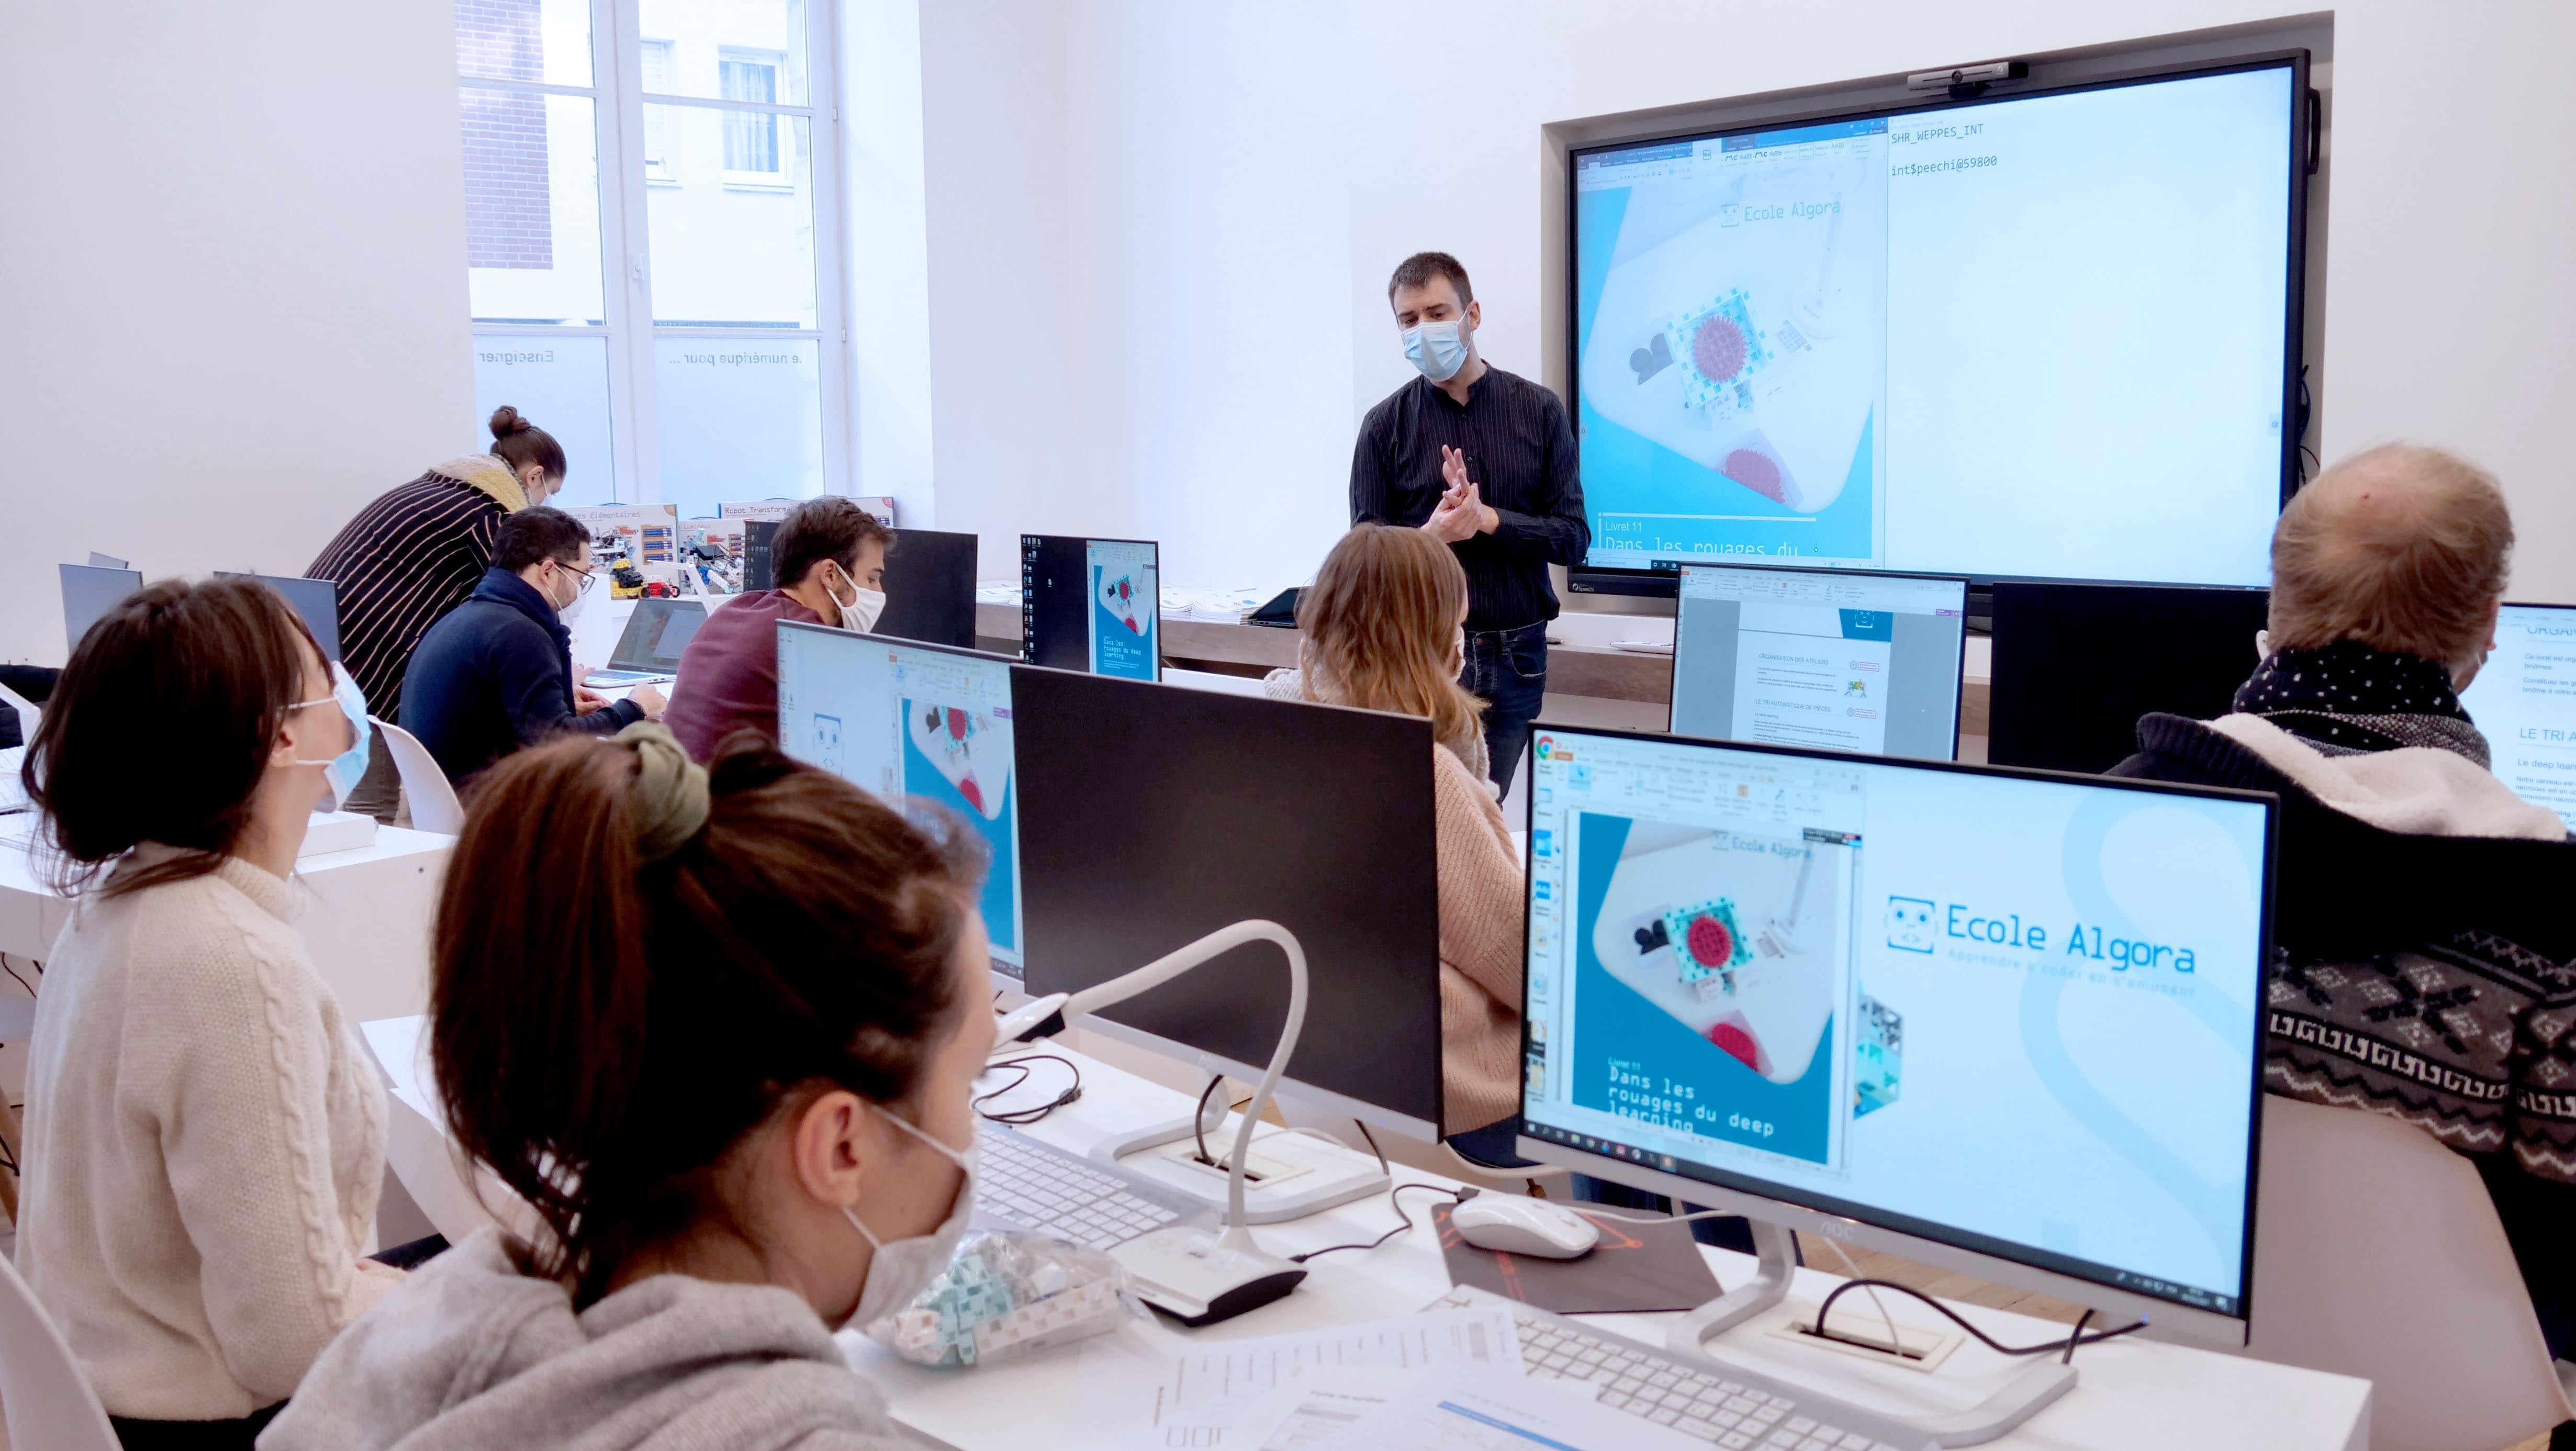 cours de programmation avec visualiseur